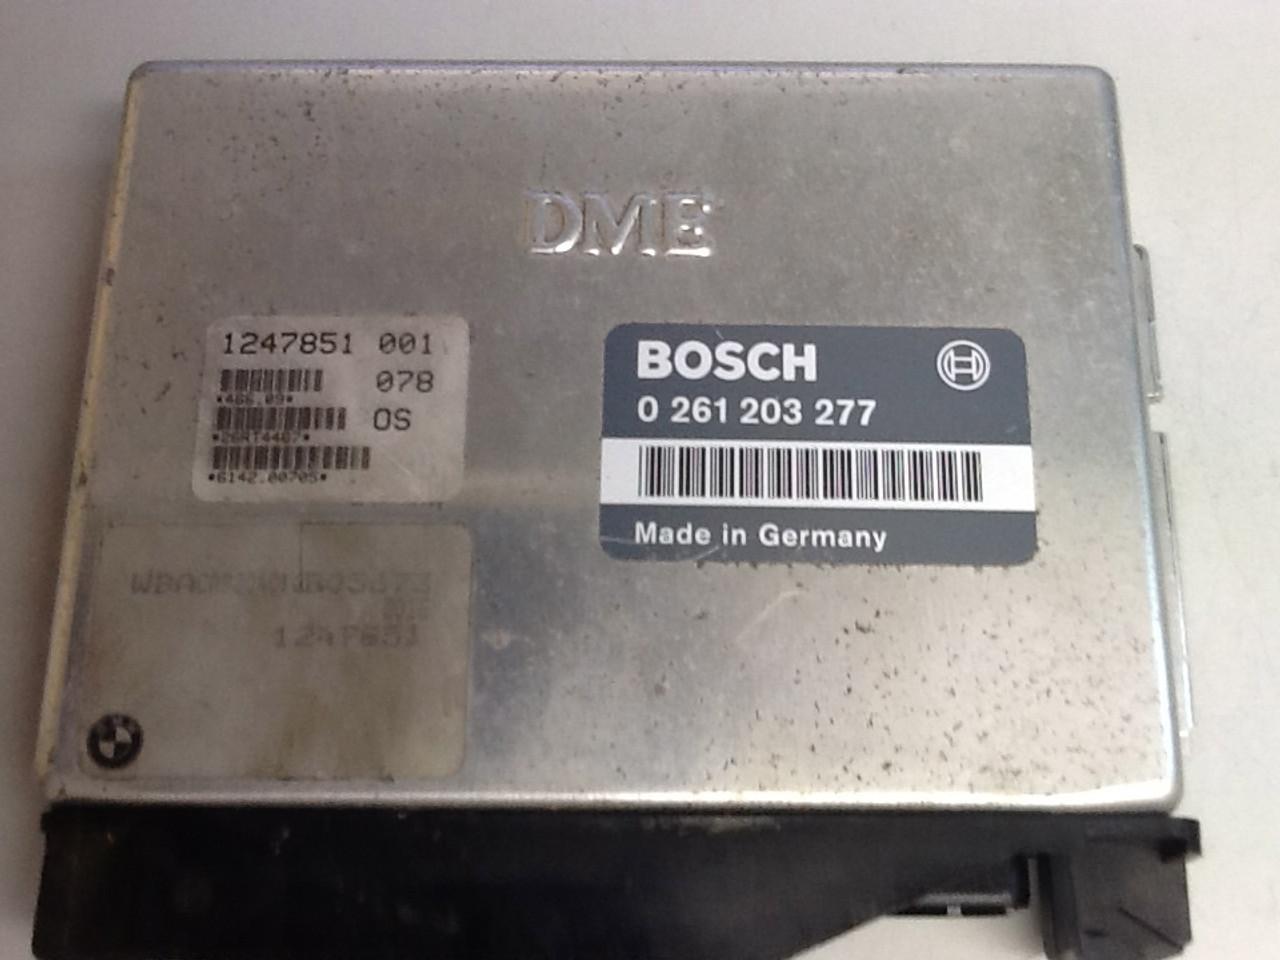 BOSCH 0261203277 - 0 261 203 2771247851M1.7.2